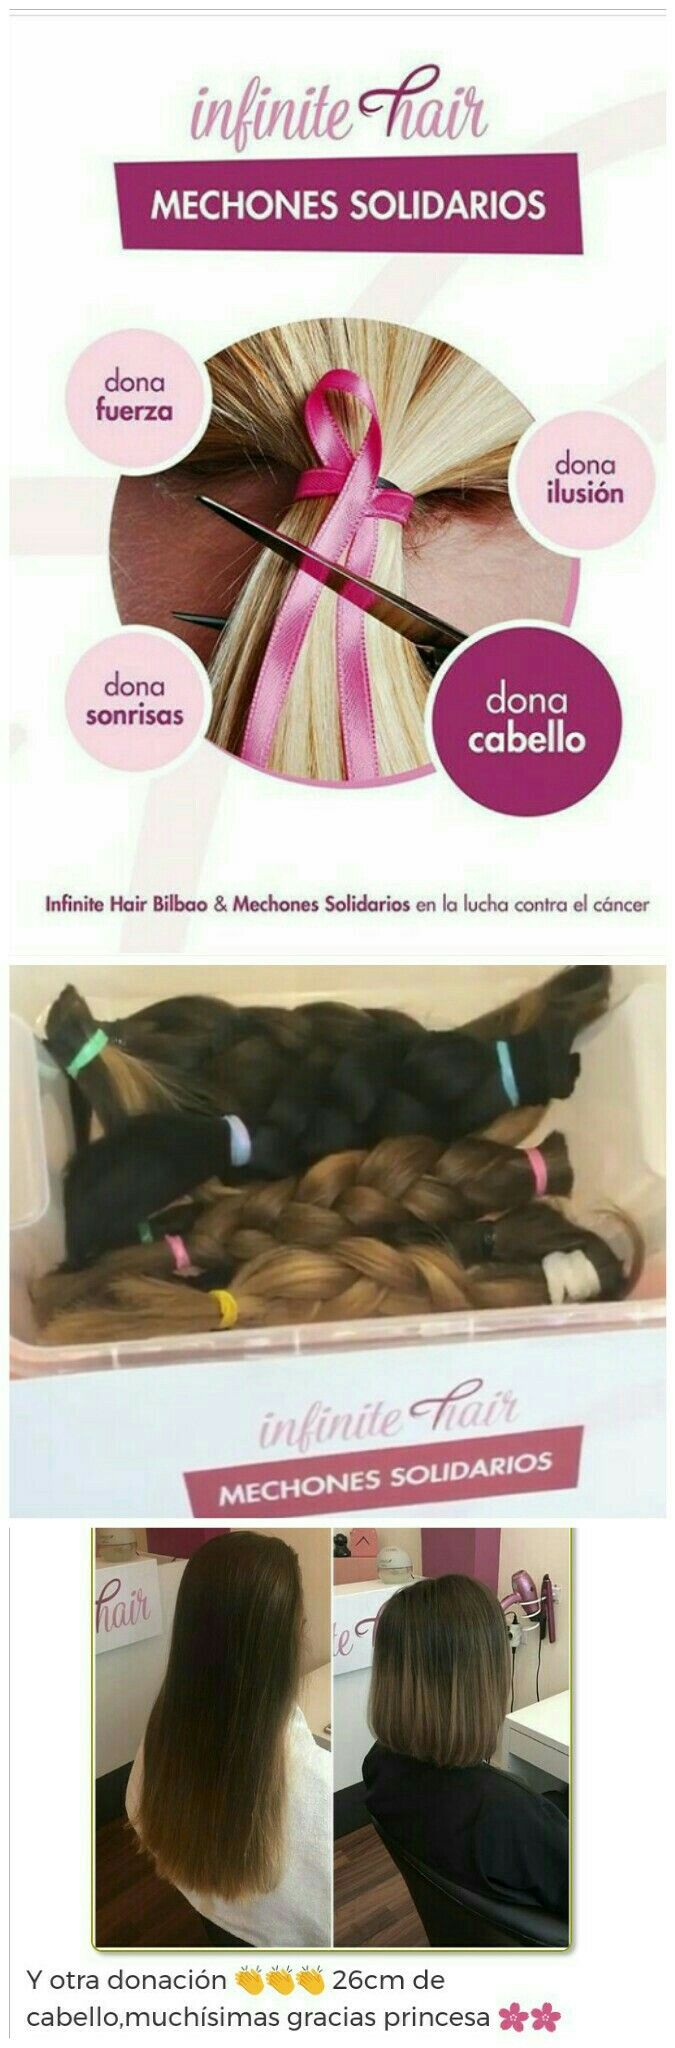 Aquí tenemos la actual campaña de mechones solidarios de la peluquería Infinite Hair de Bilbao para colaborar en la lucha contra el cáncer. De esta manera, esta peluquería obtiene mayor clientela, y el pelo cortado por ésta es donado para la causa.